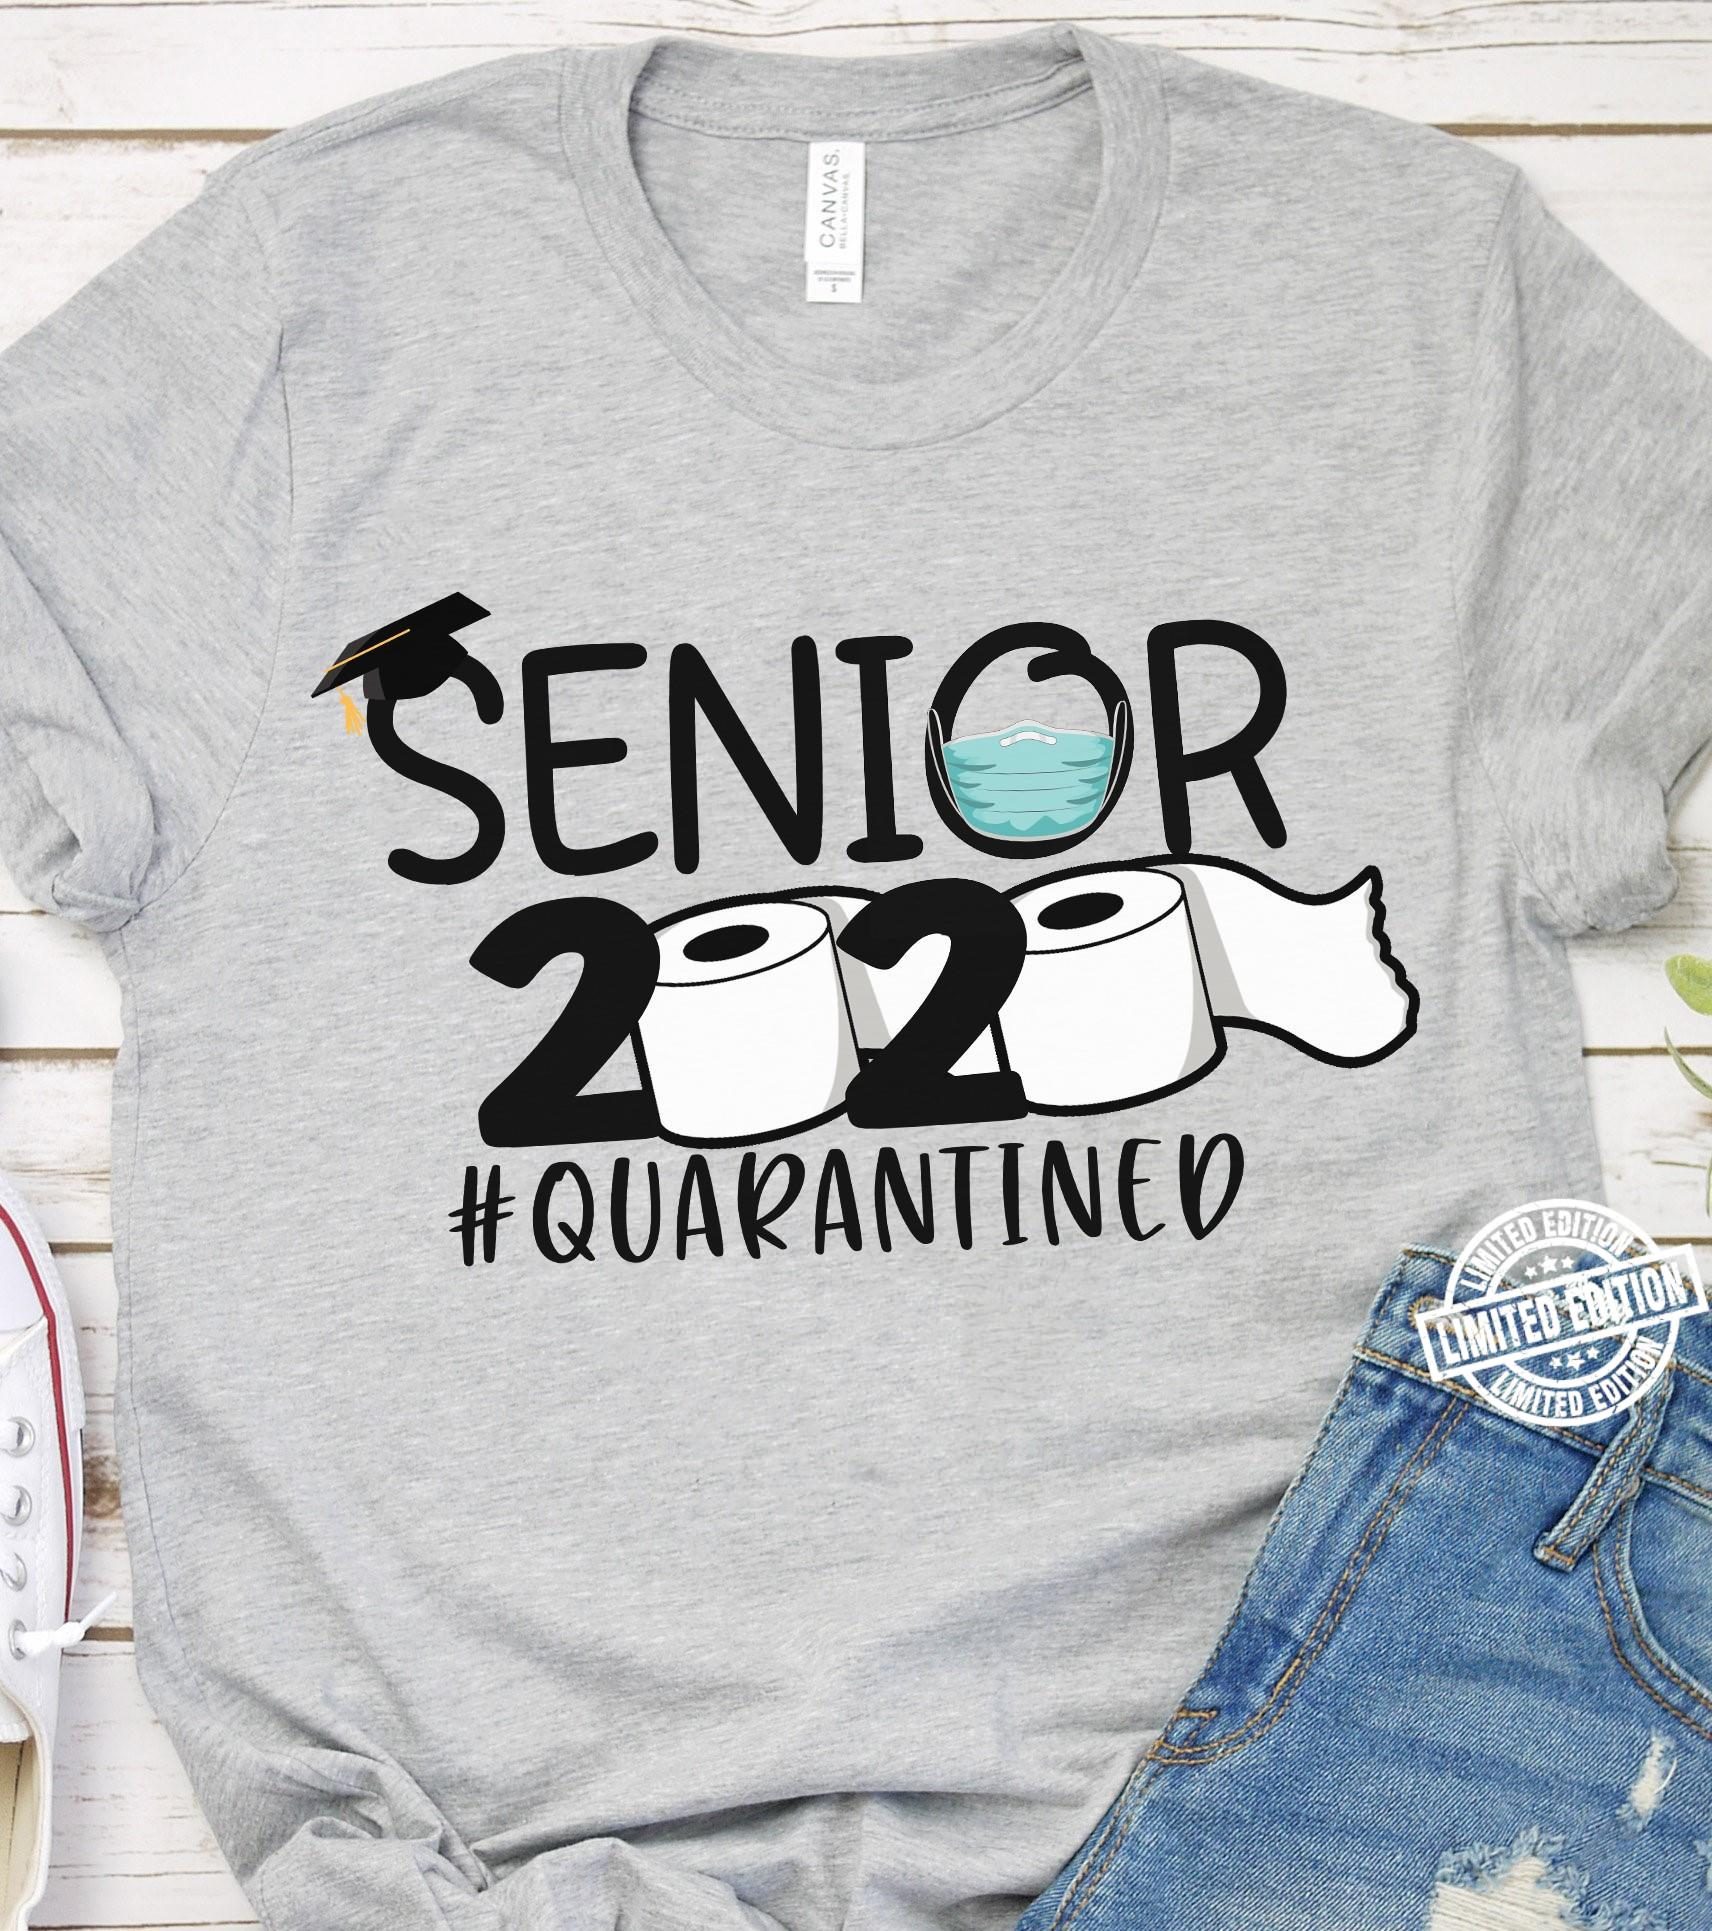 Senior 2020 quarantined shirt